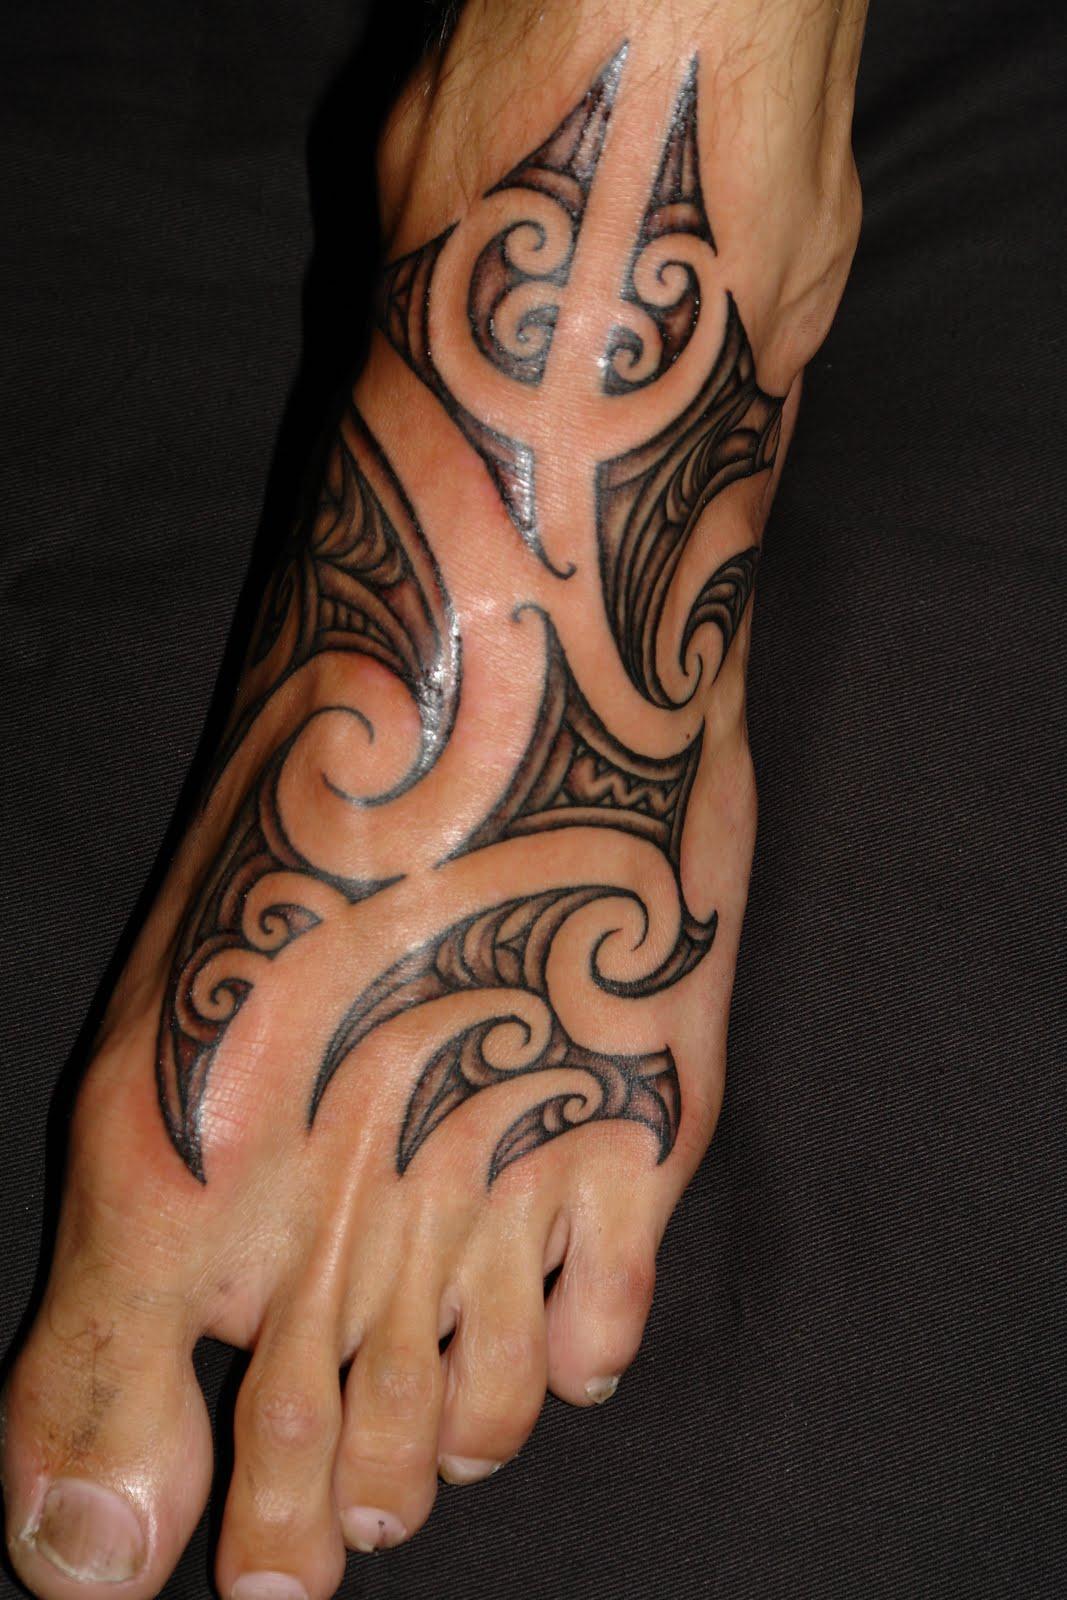 Tatouage Polynésien Tattoo marquisien Tahitien histoire